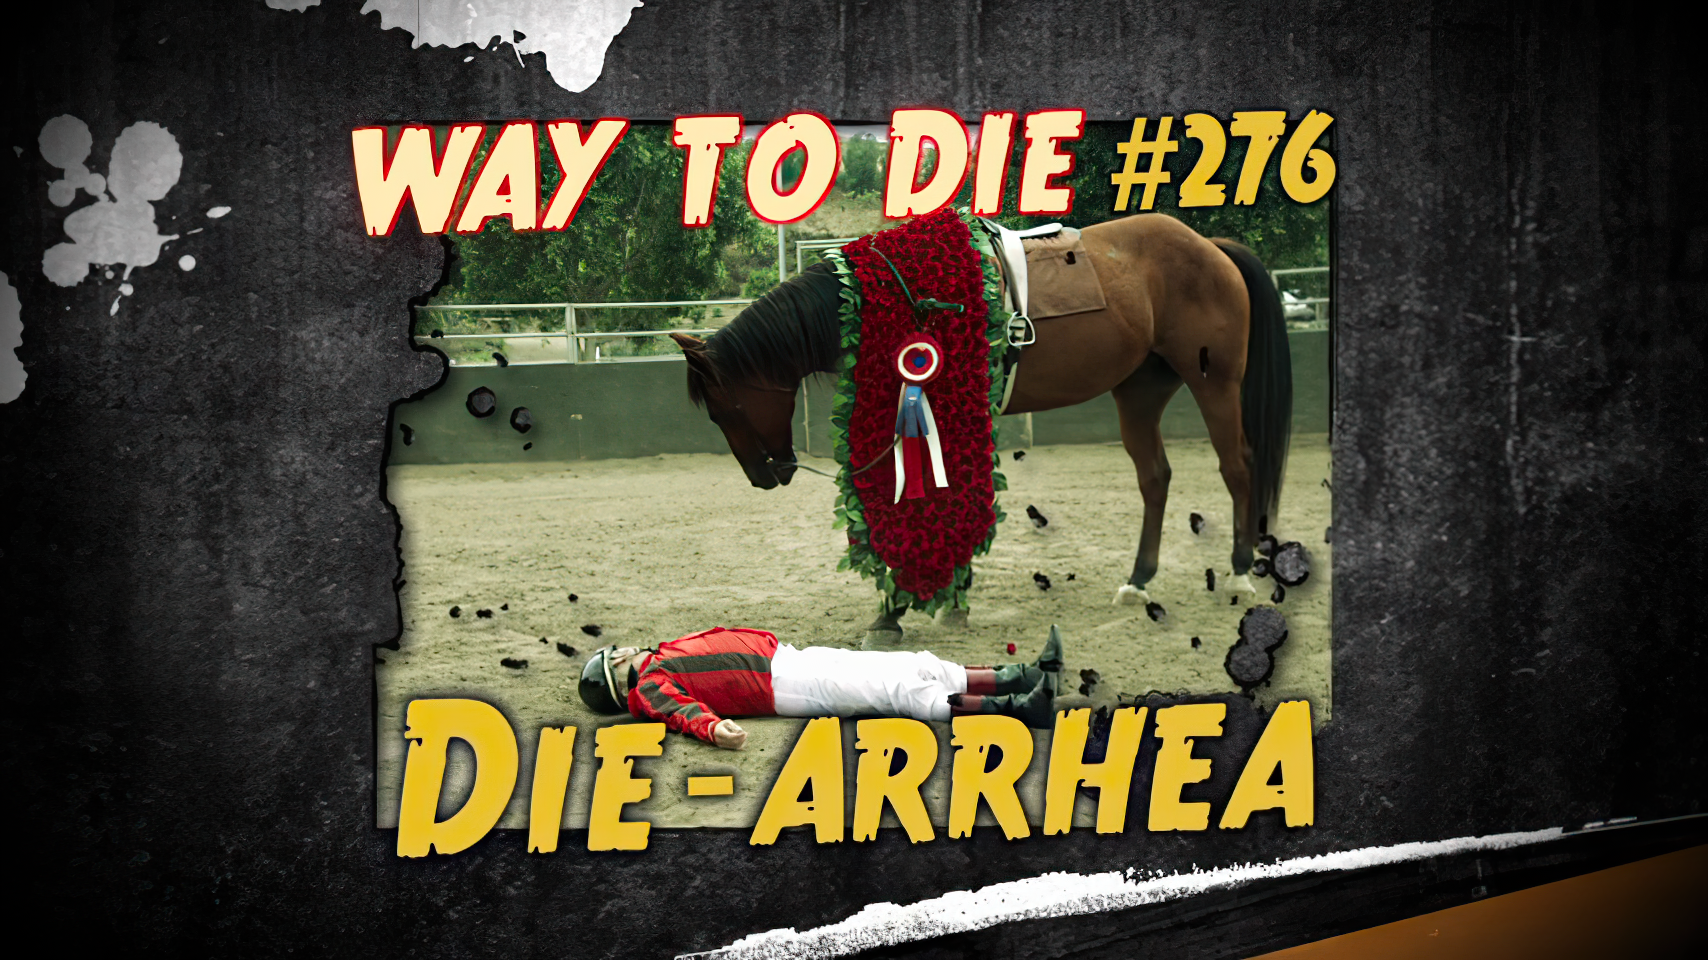 Die-arrhea